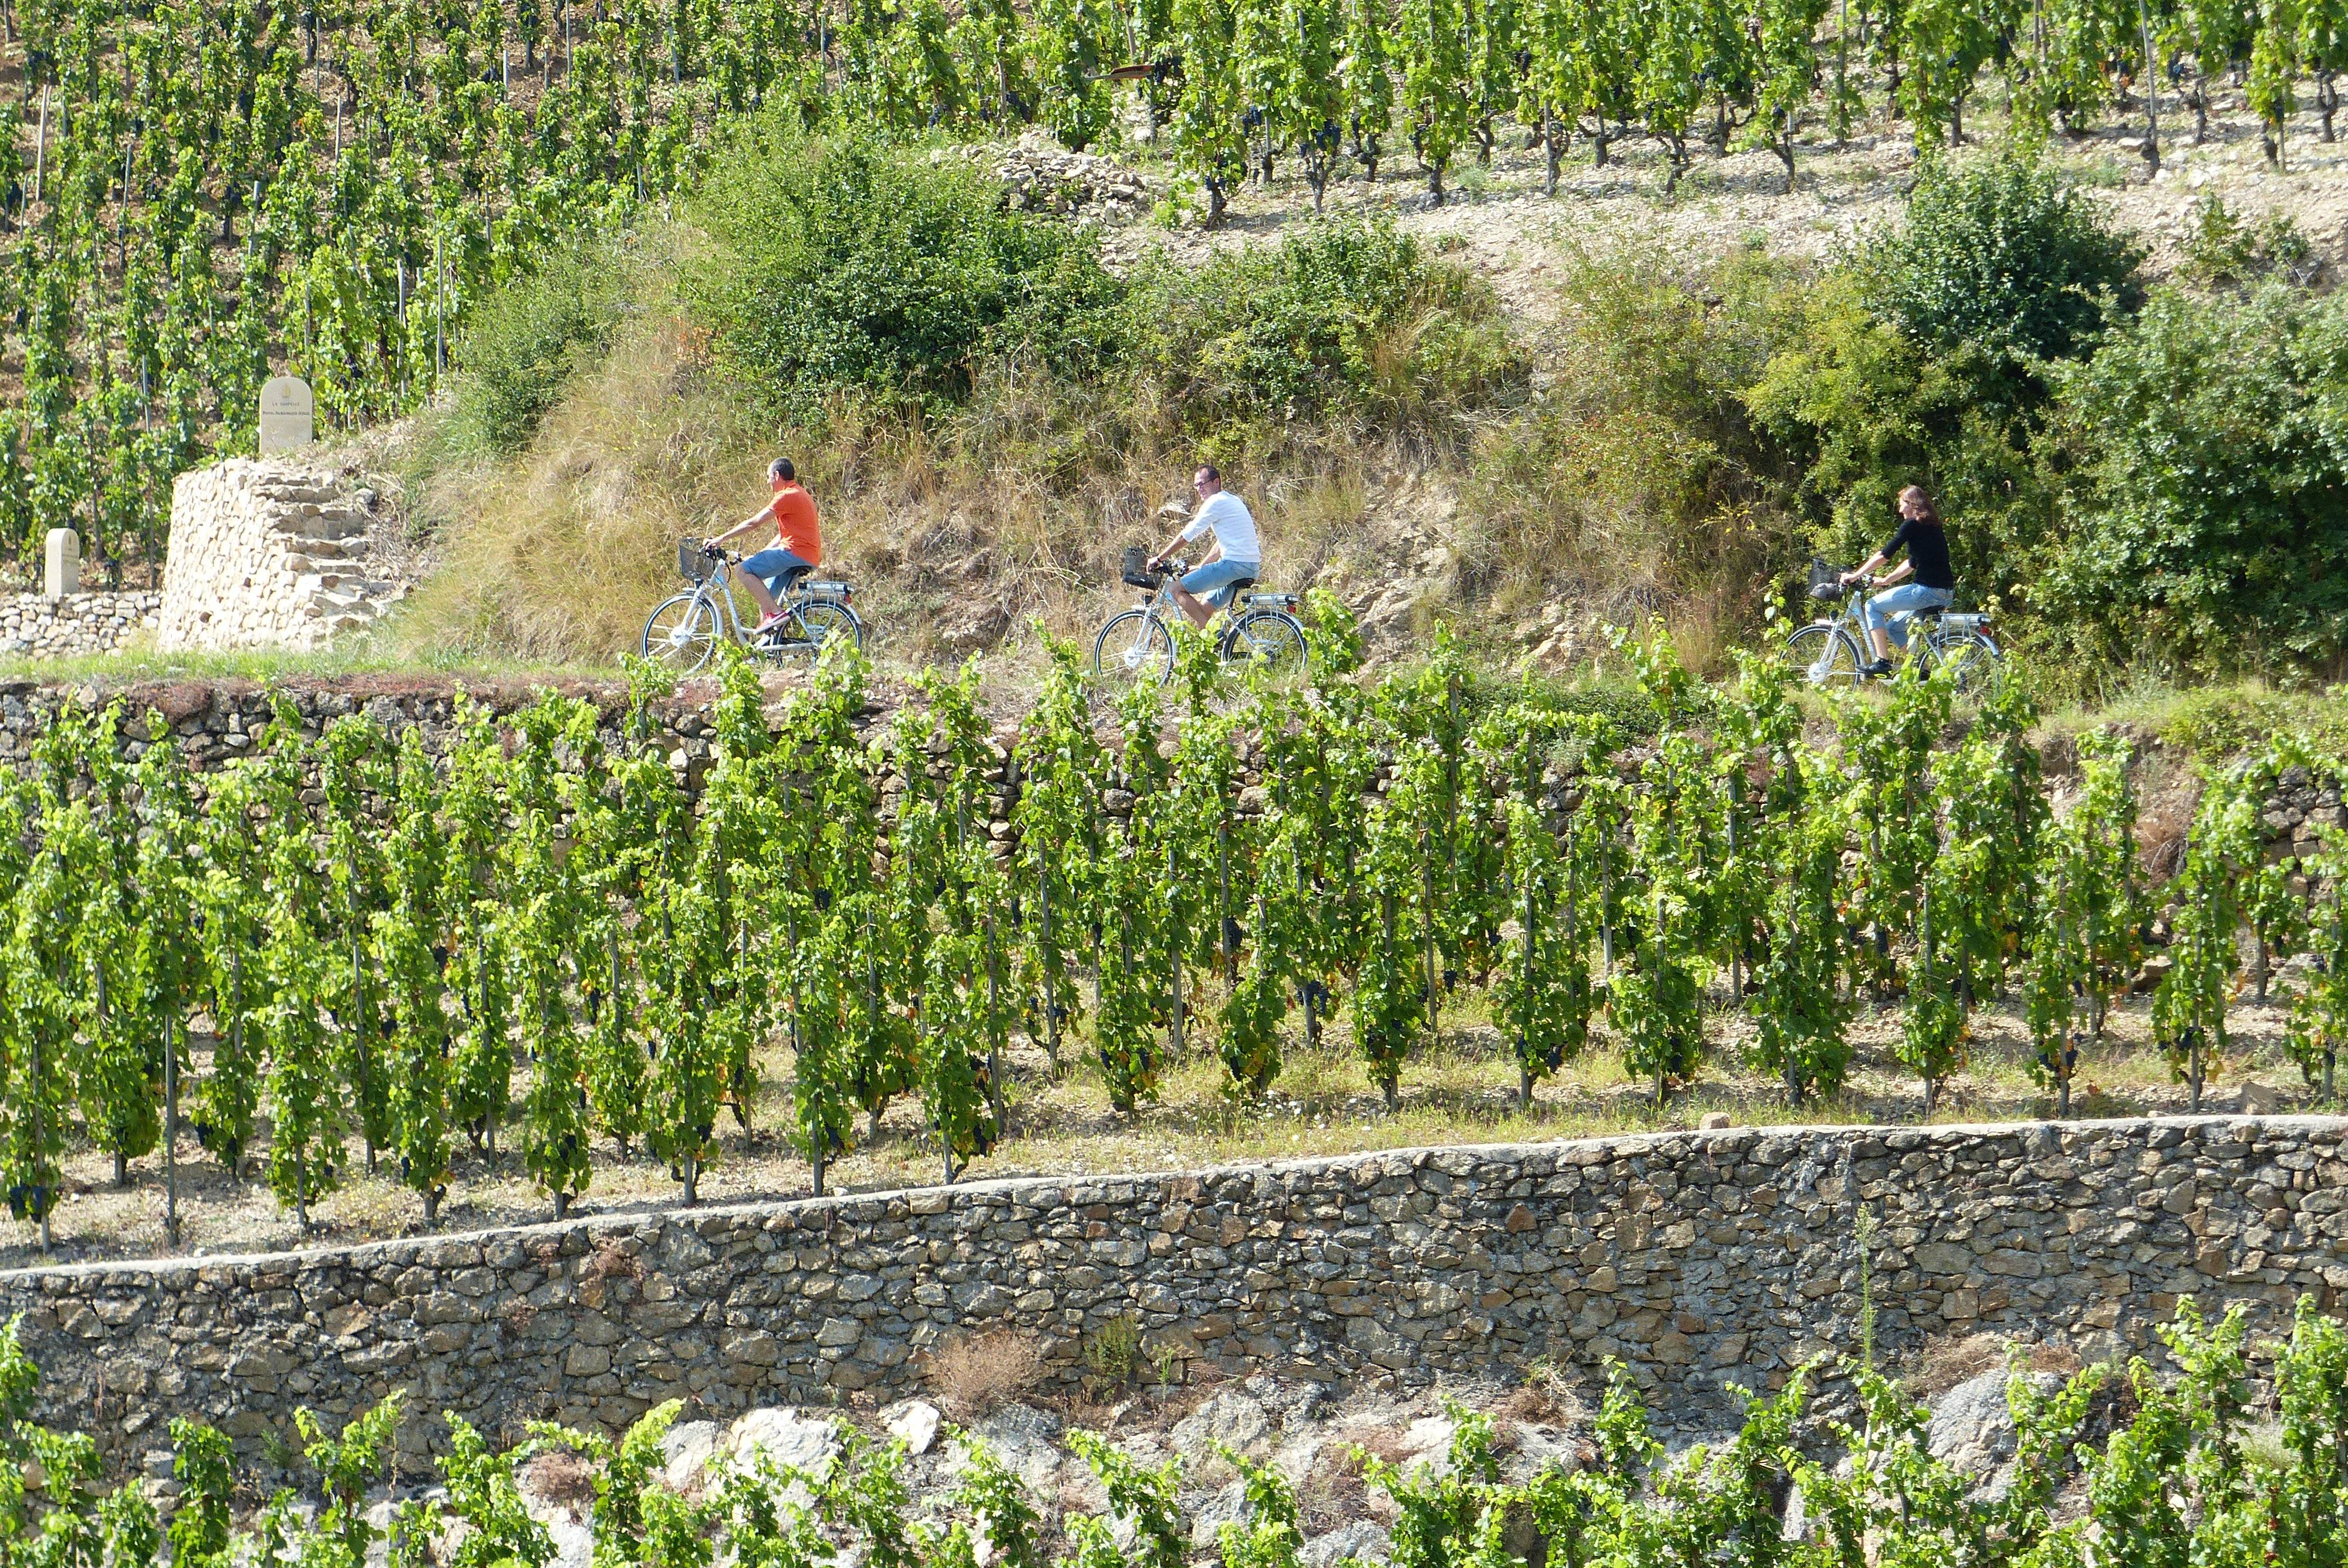 the terraced vineyards of the Rhône Valley by bike